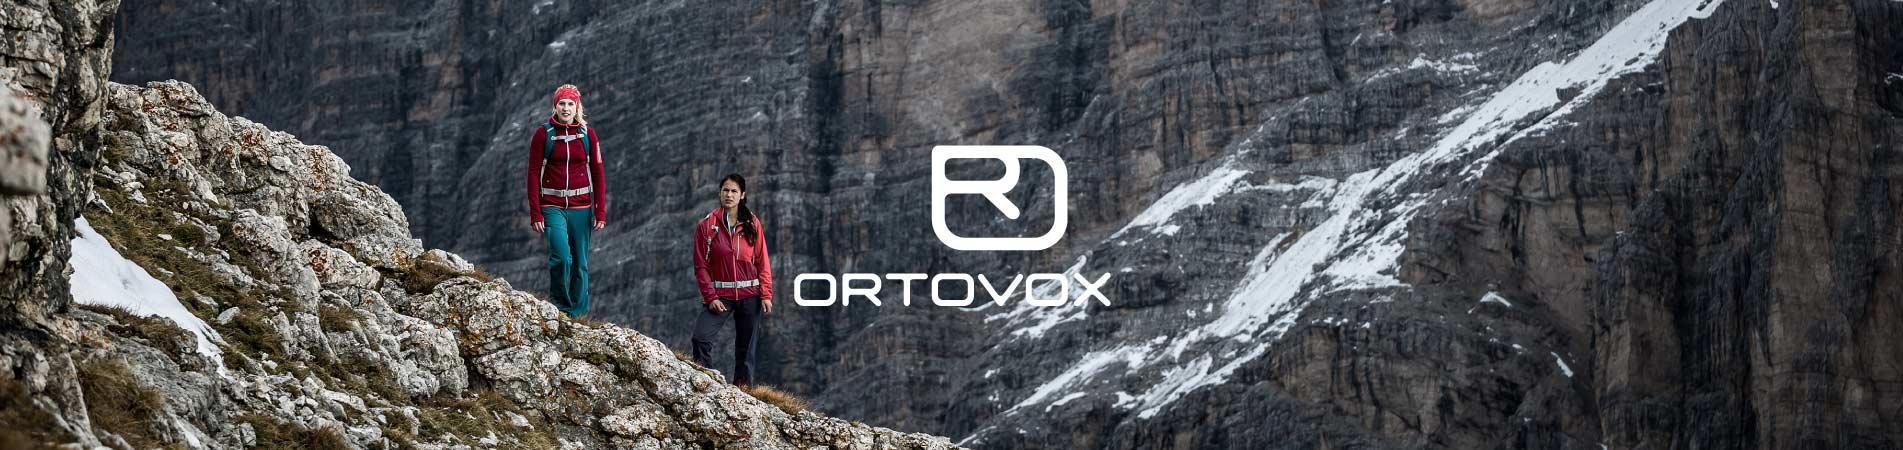 ortovox-brand-banner-v1r2.jpg